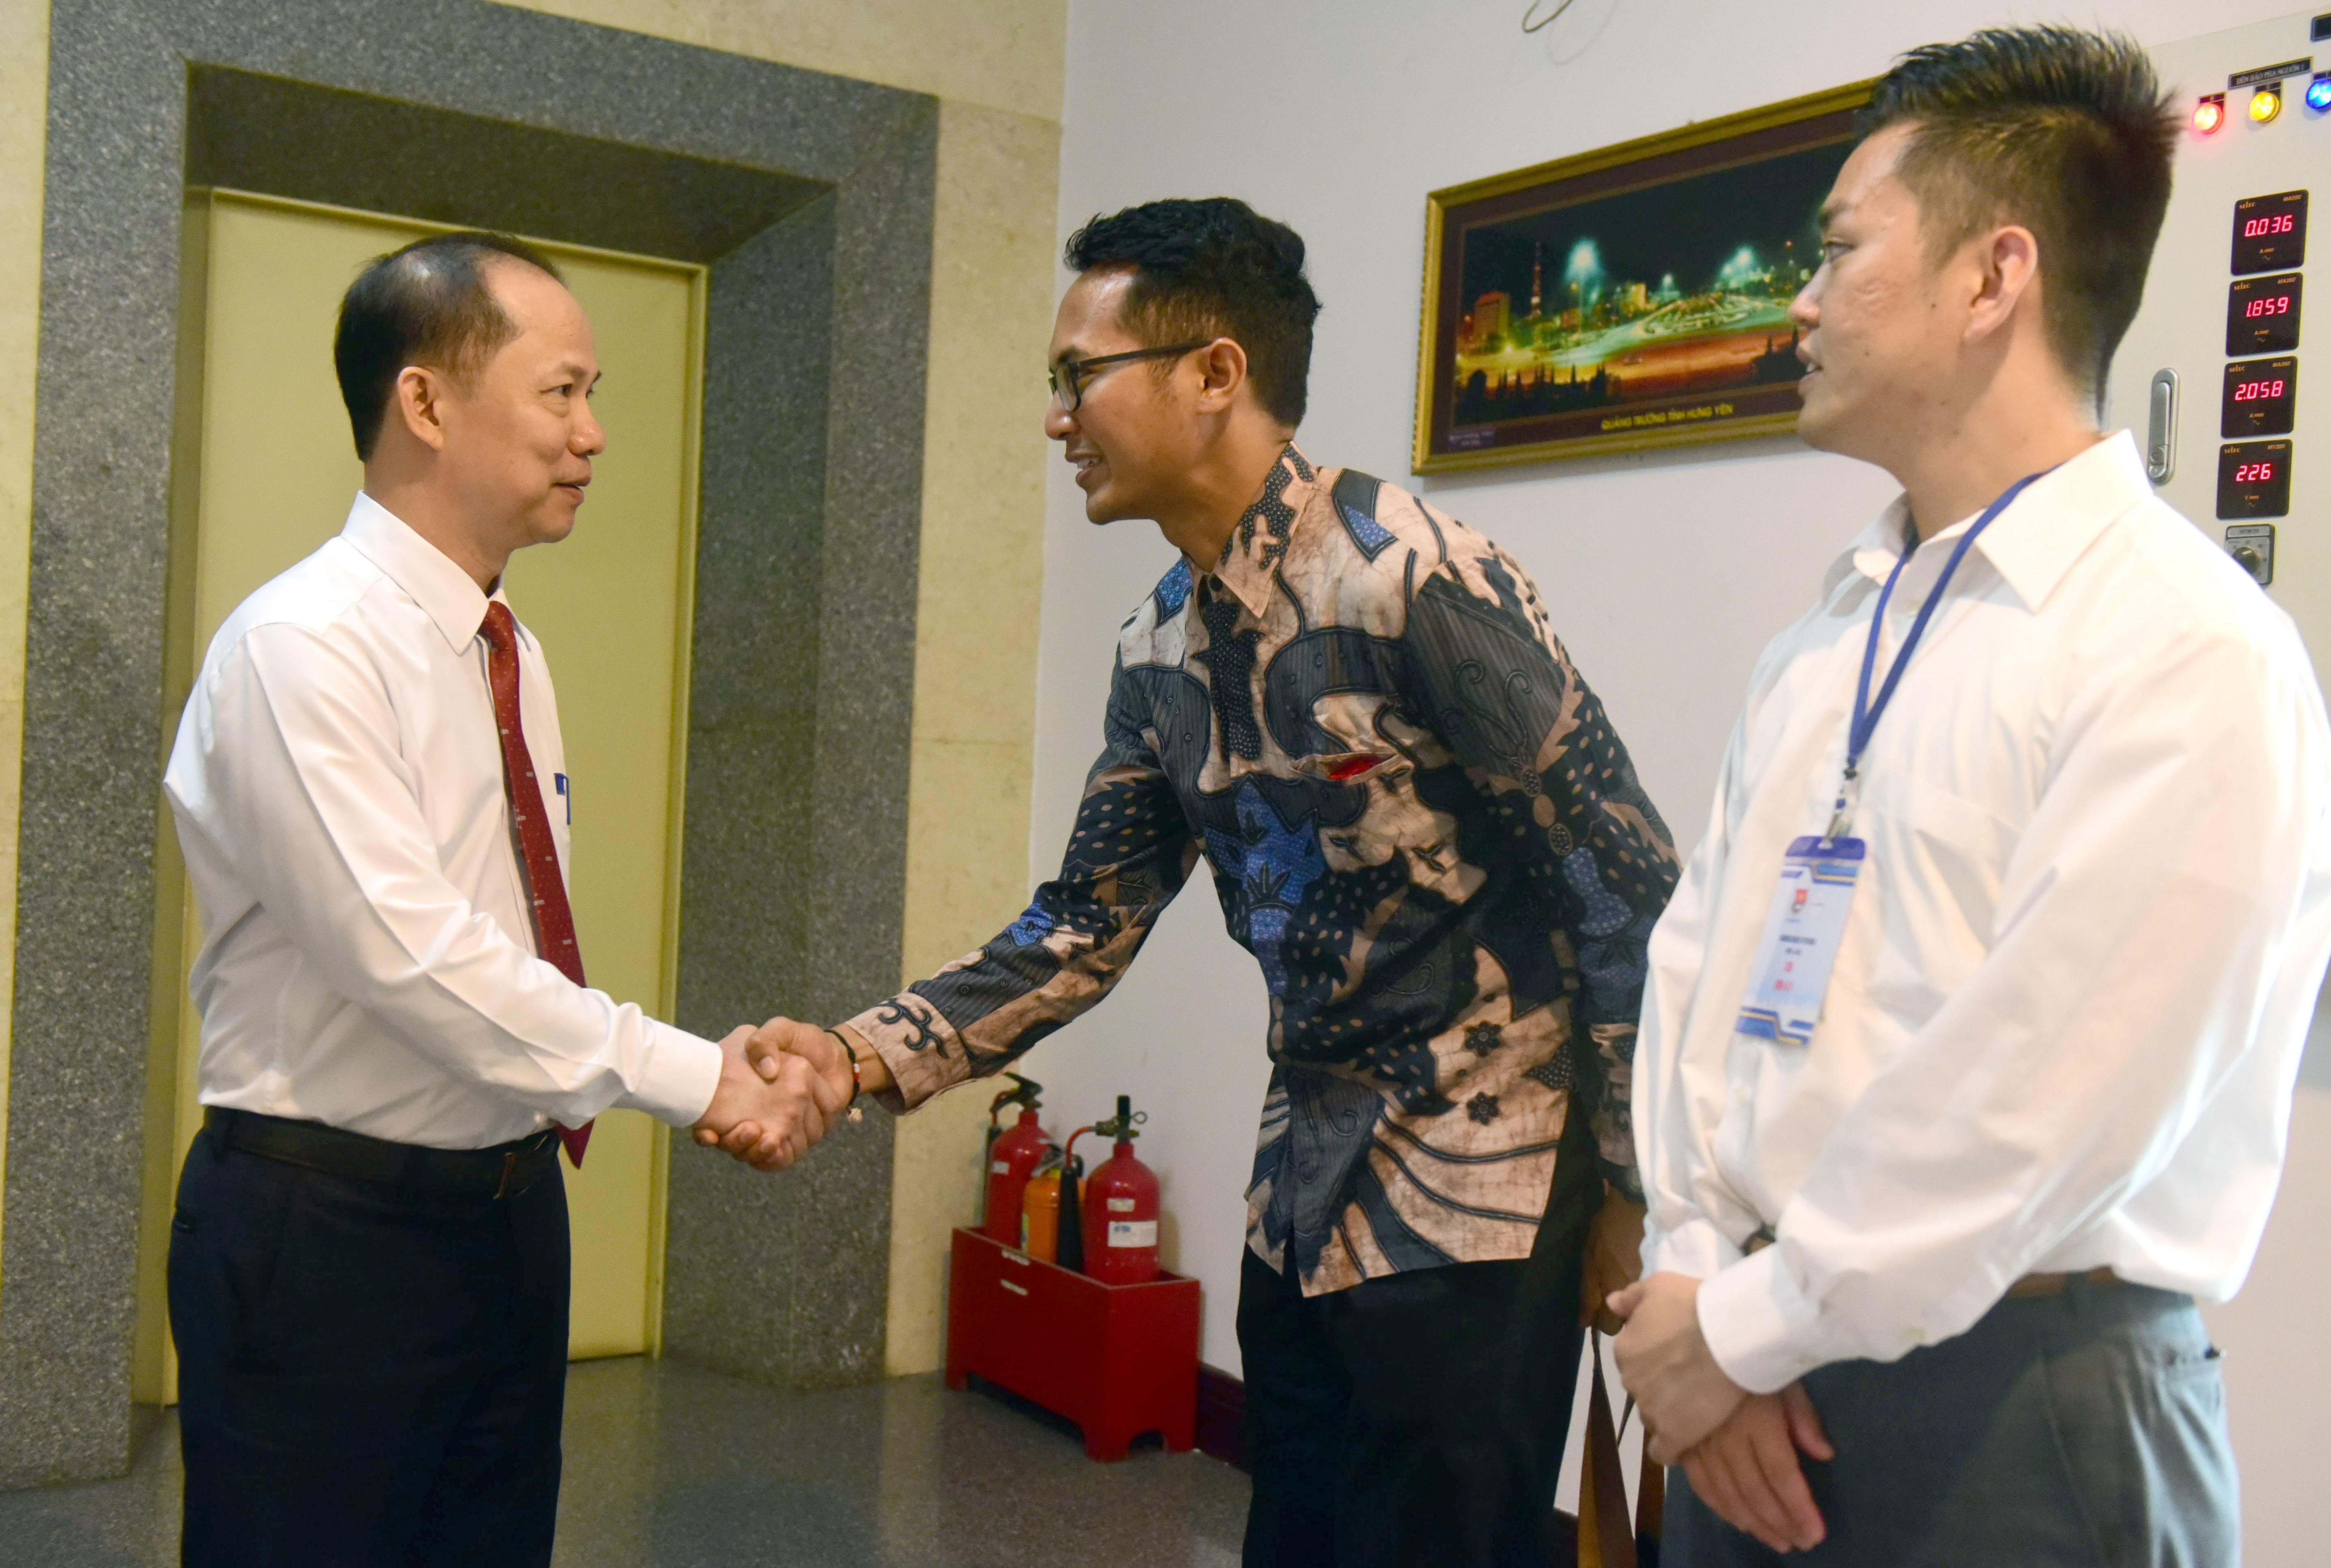 Tuoi Tre deputy editor-in-chief Le Xuan Trung greets SSEAYP delegates. Photo: Minh Phuong / Tuoi Tre